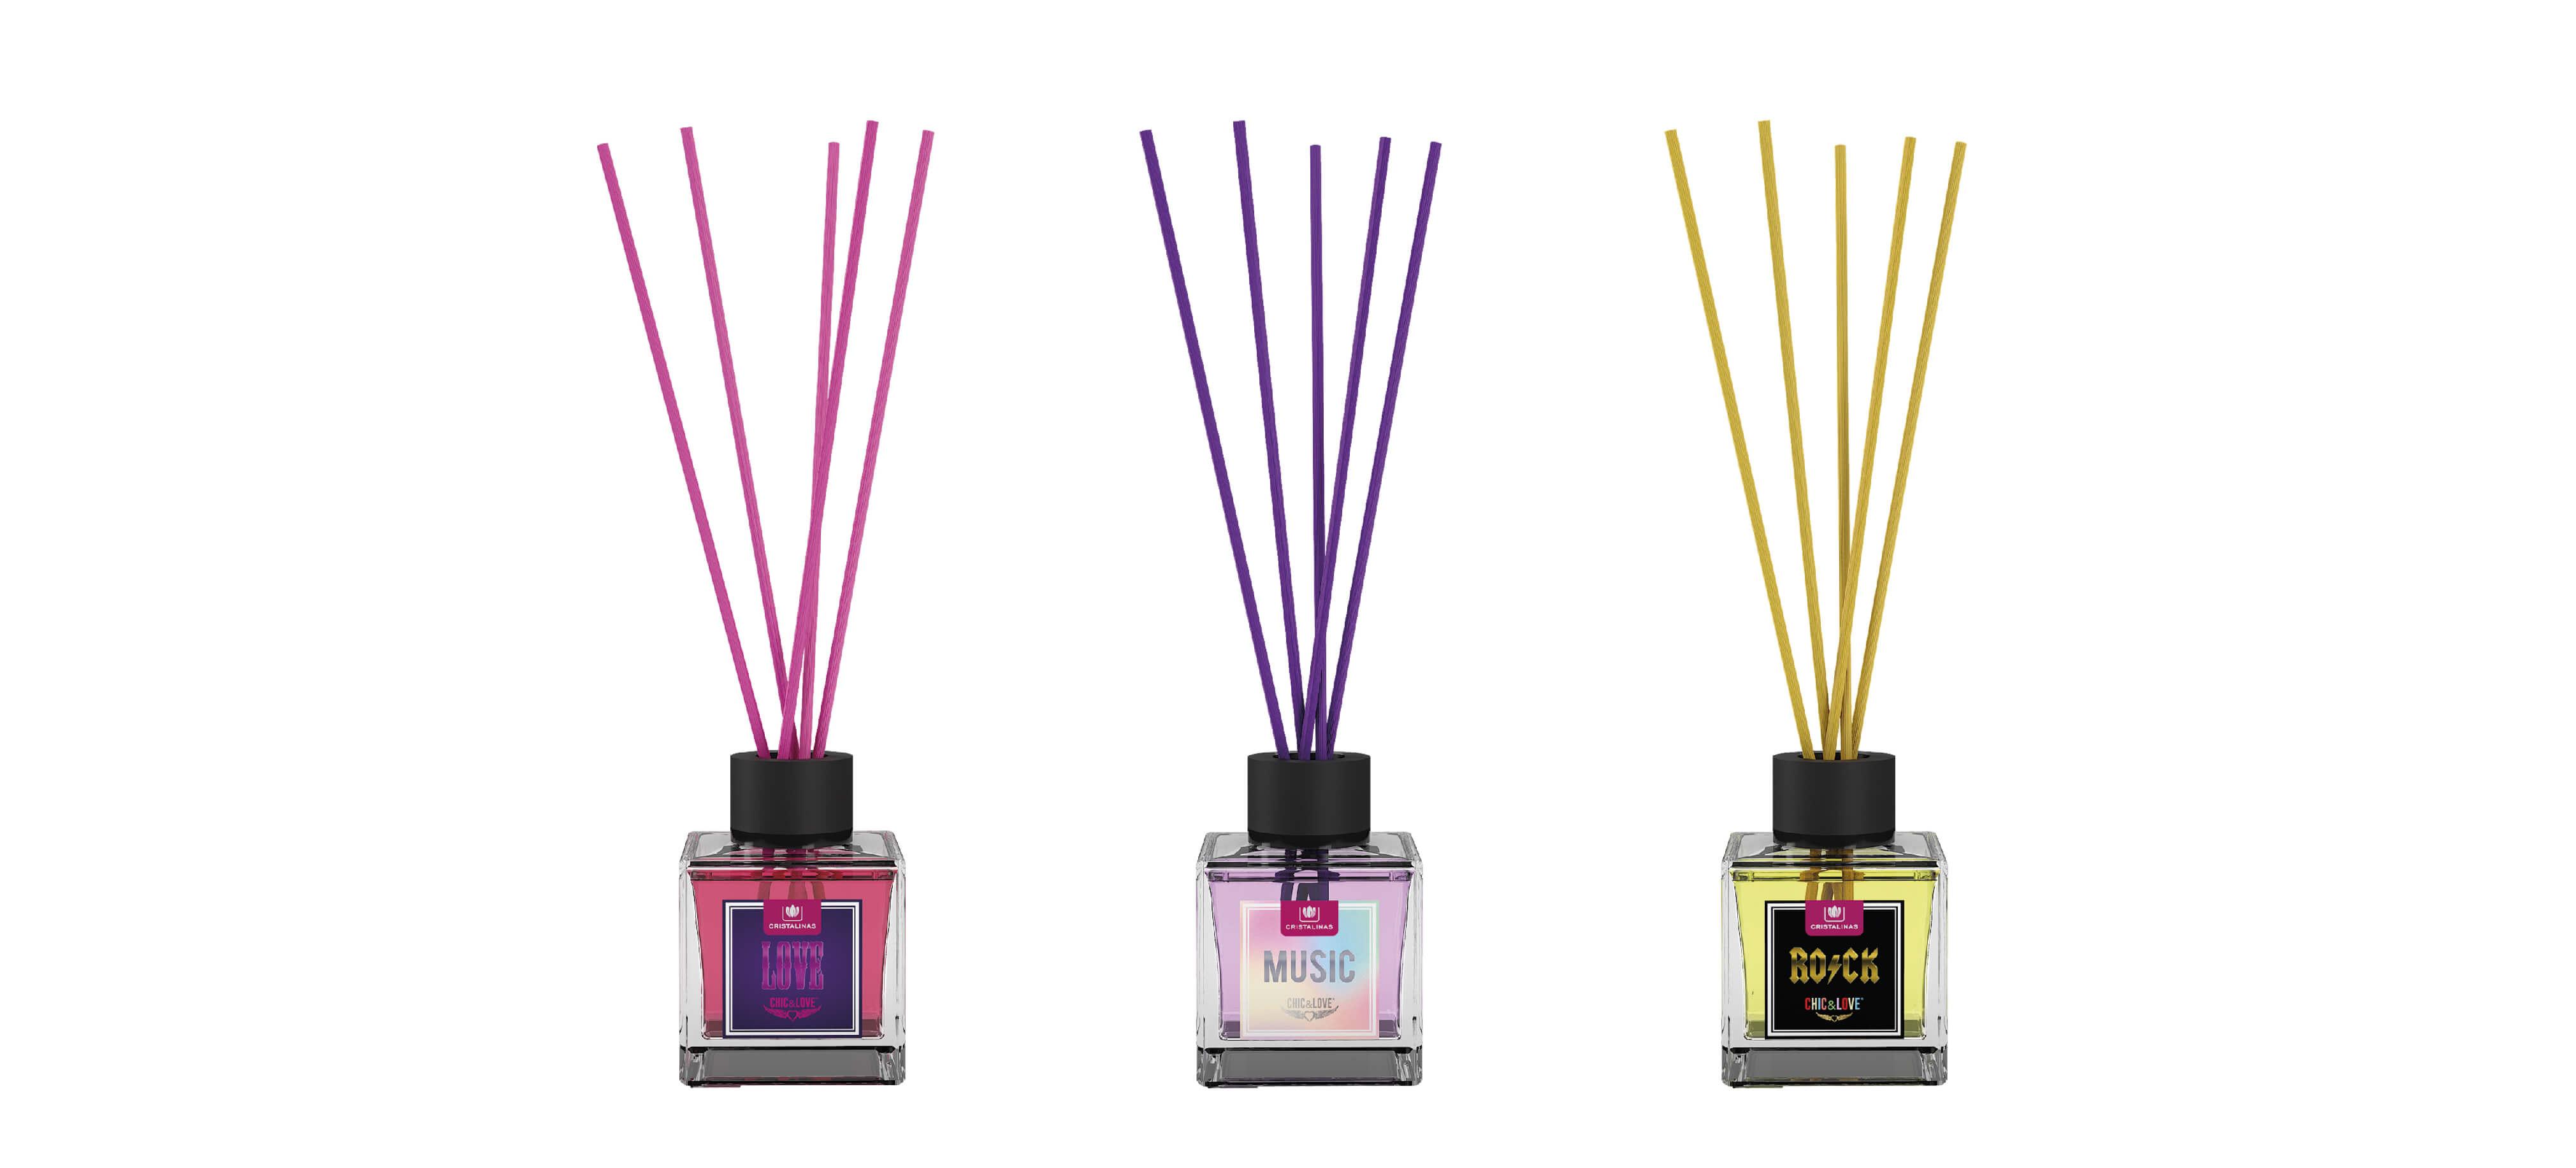 Compra tu Mikado Chic&Love 40 ml en tu aroma preferido en Cristalinas